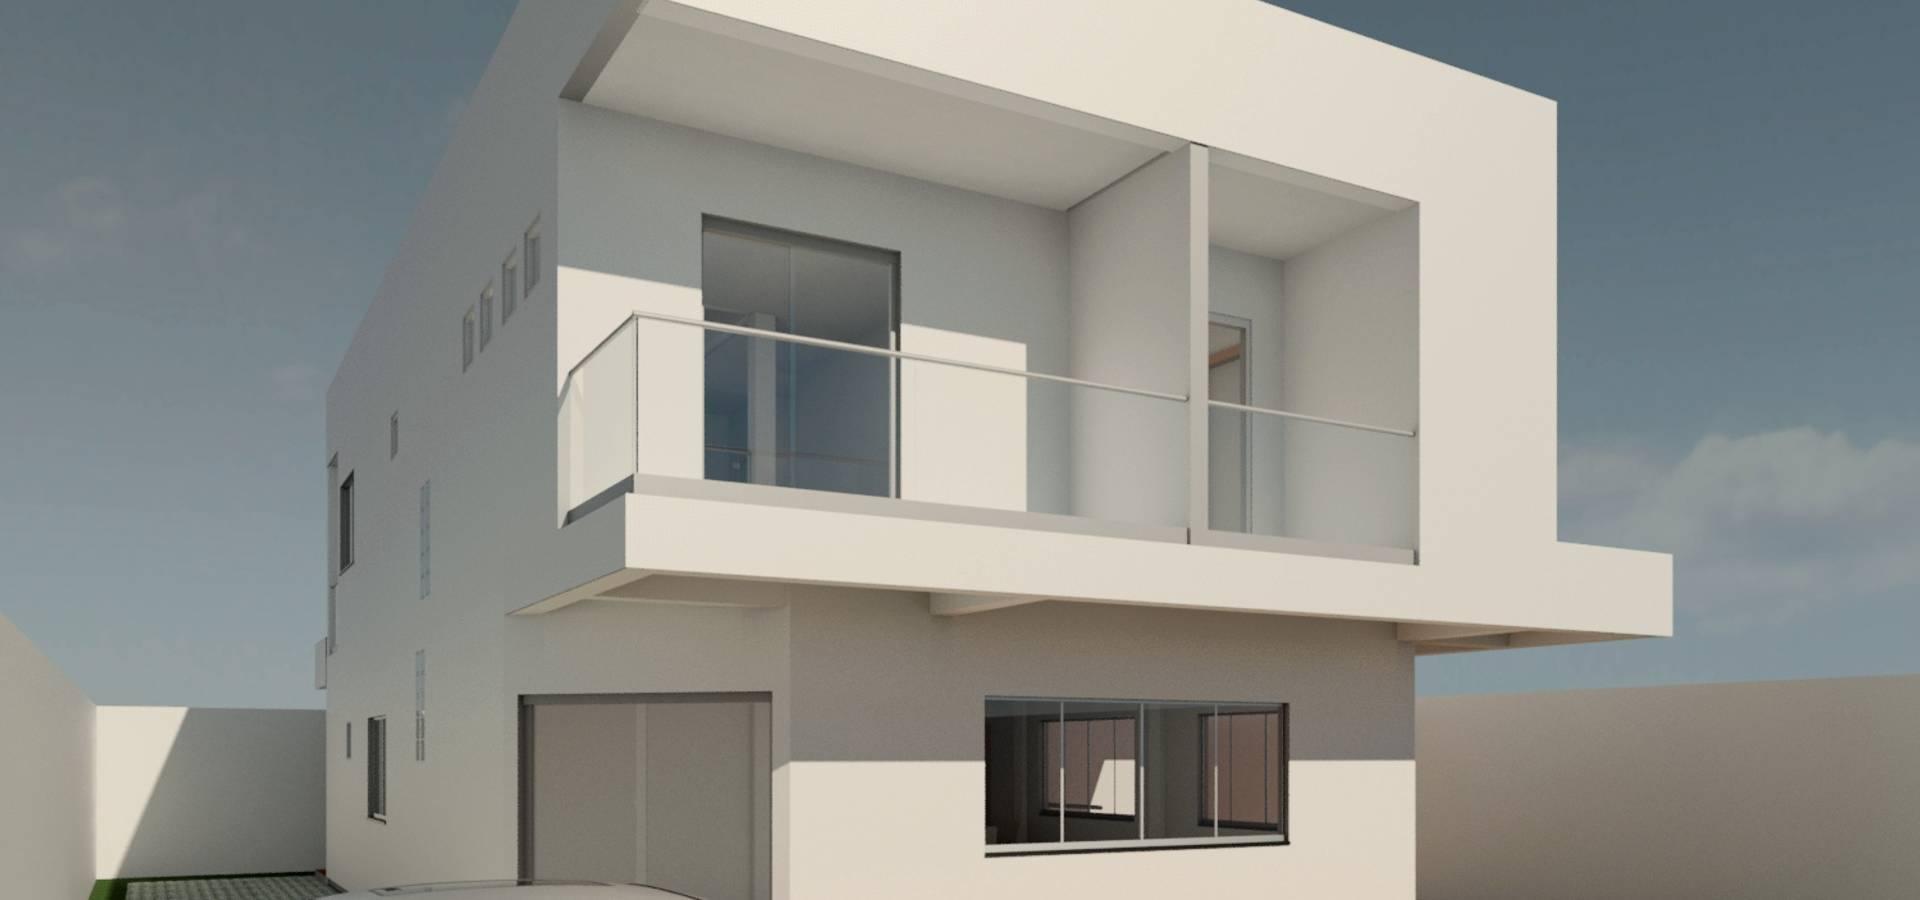 DB Arquitetura – Denilson Borges Arquitetos Associados